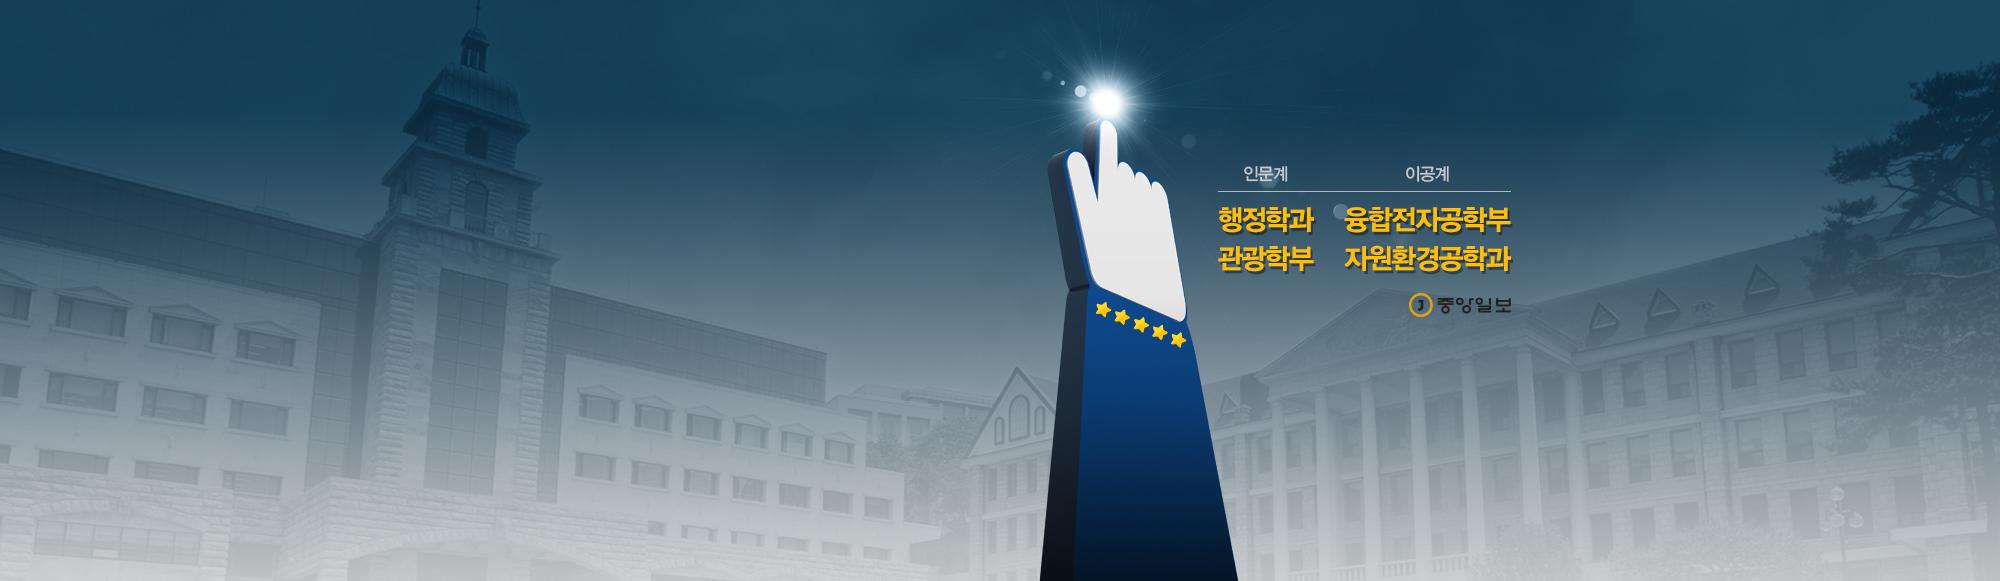 2017 중앙일보<br>학과평가